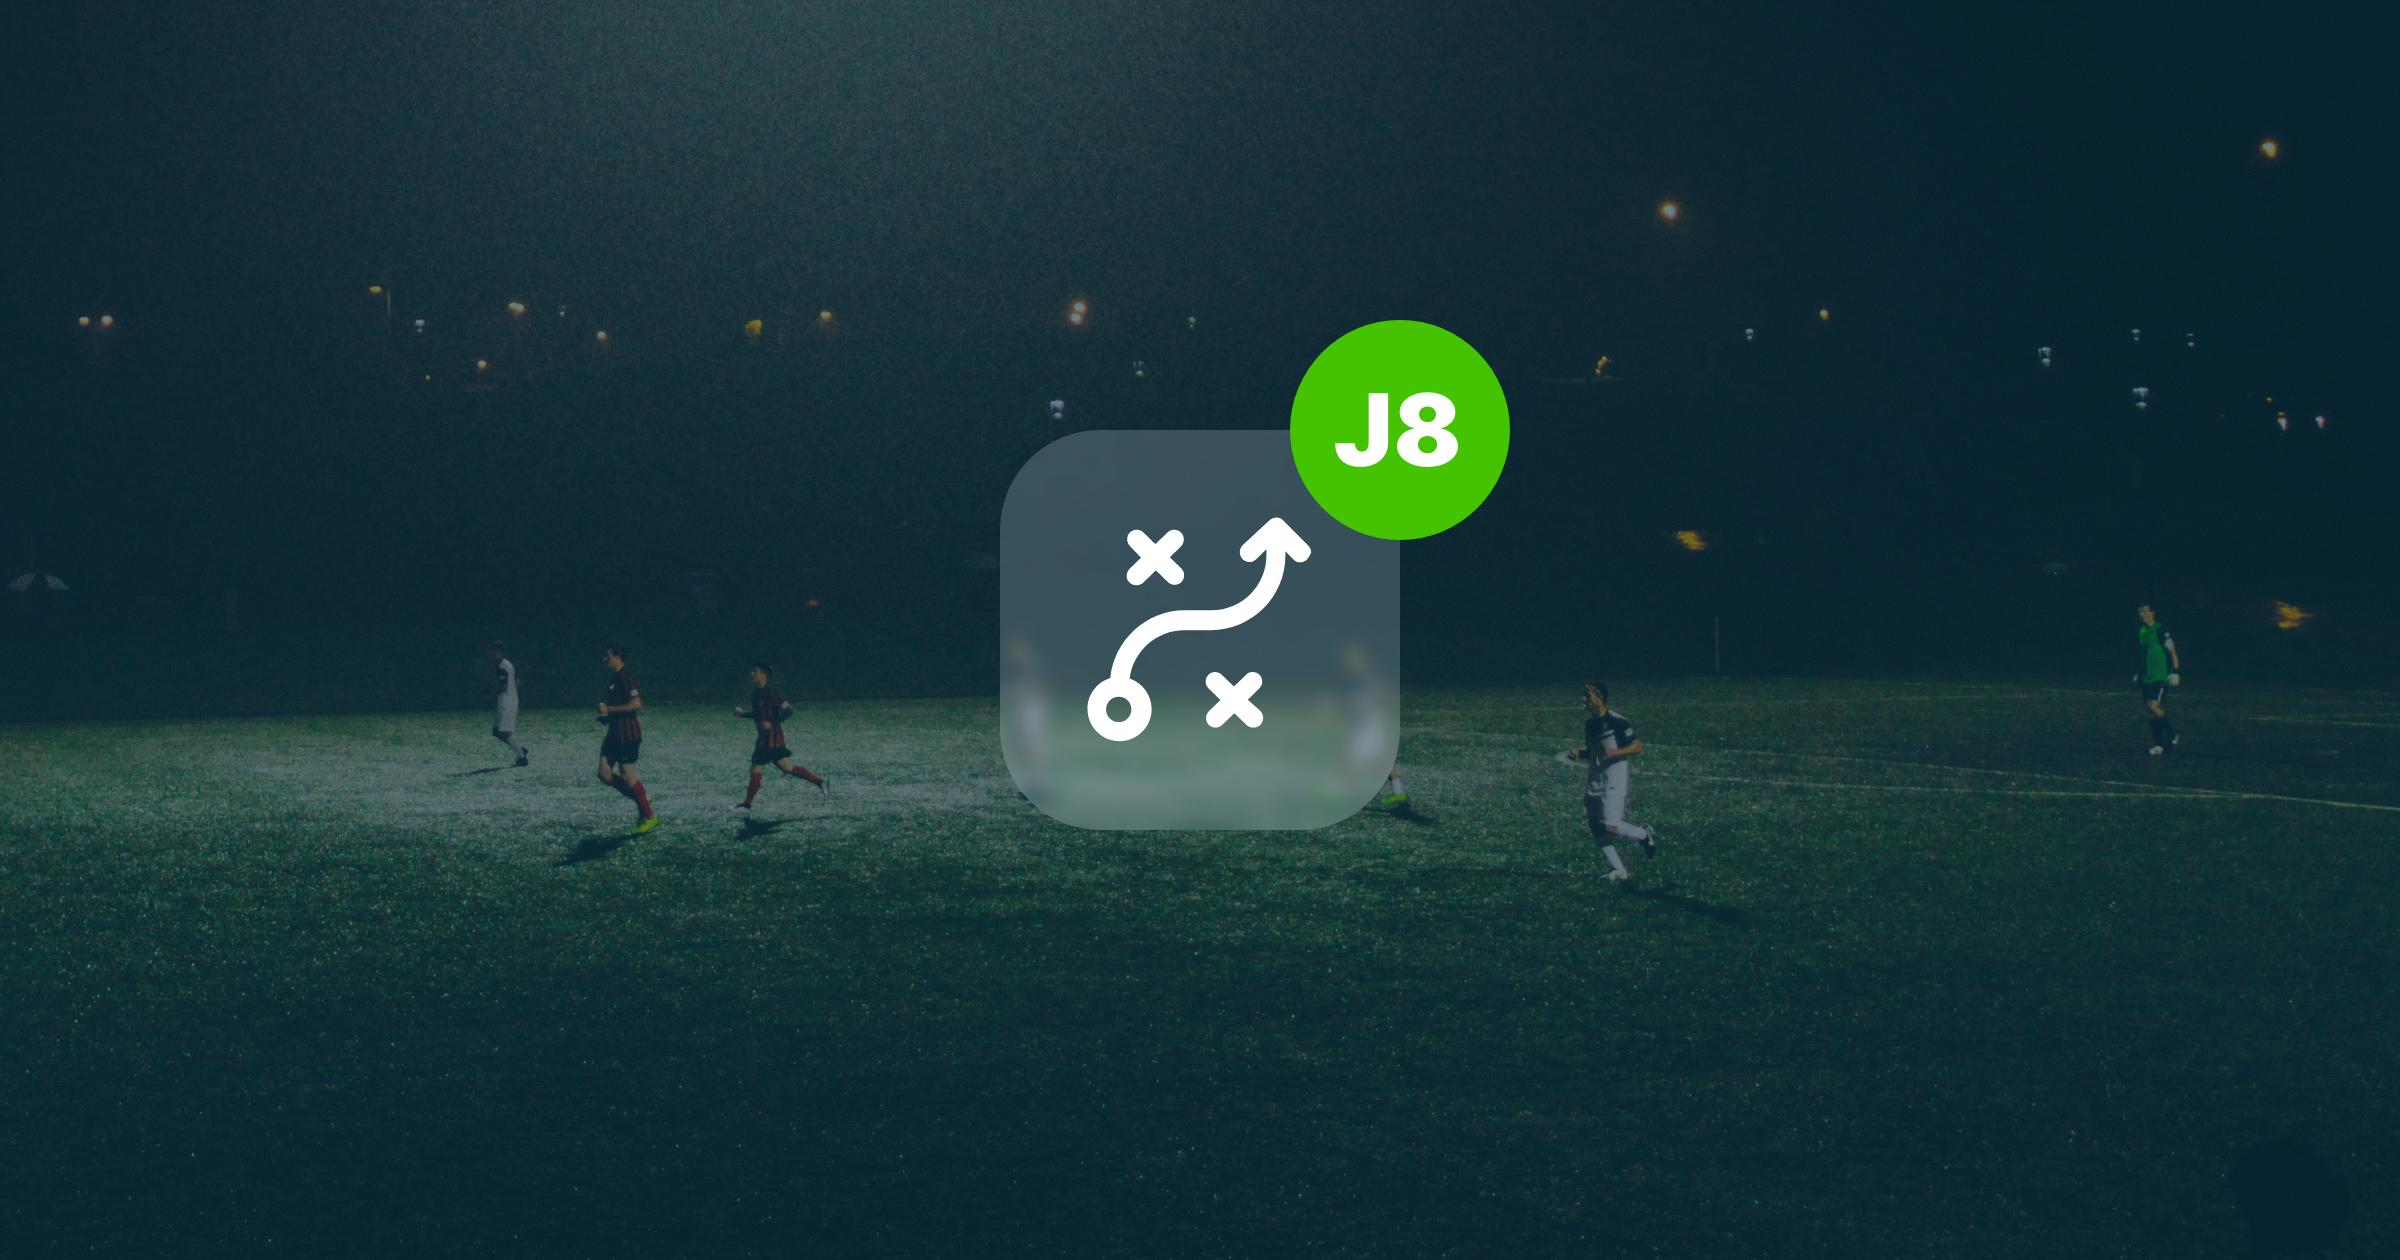 Les joueurs à suivre pour la J8